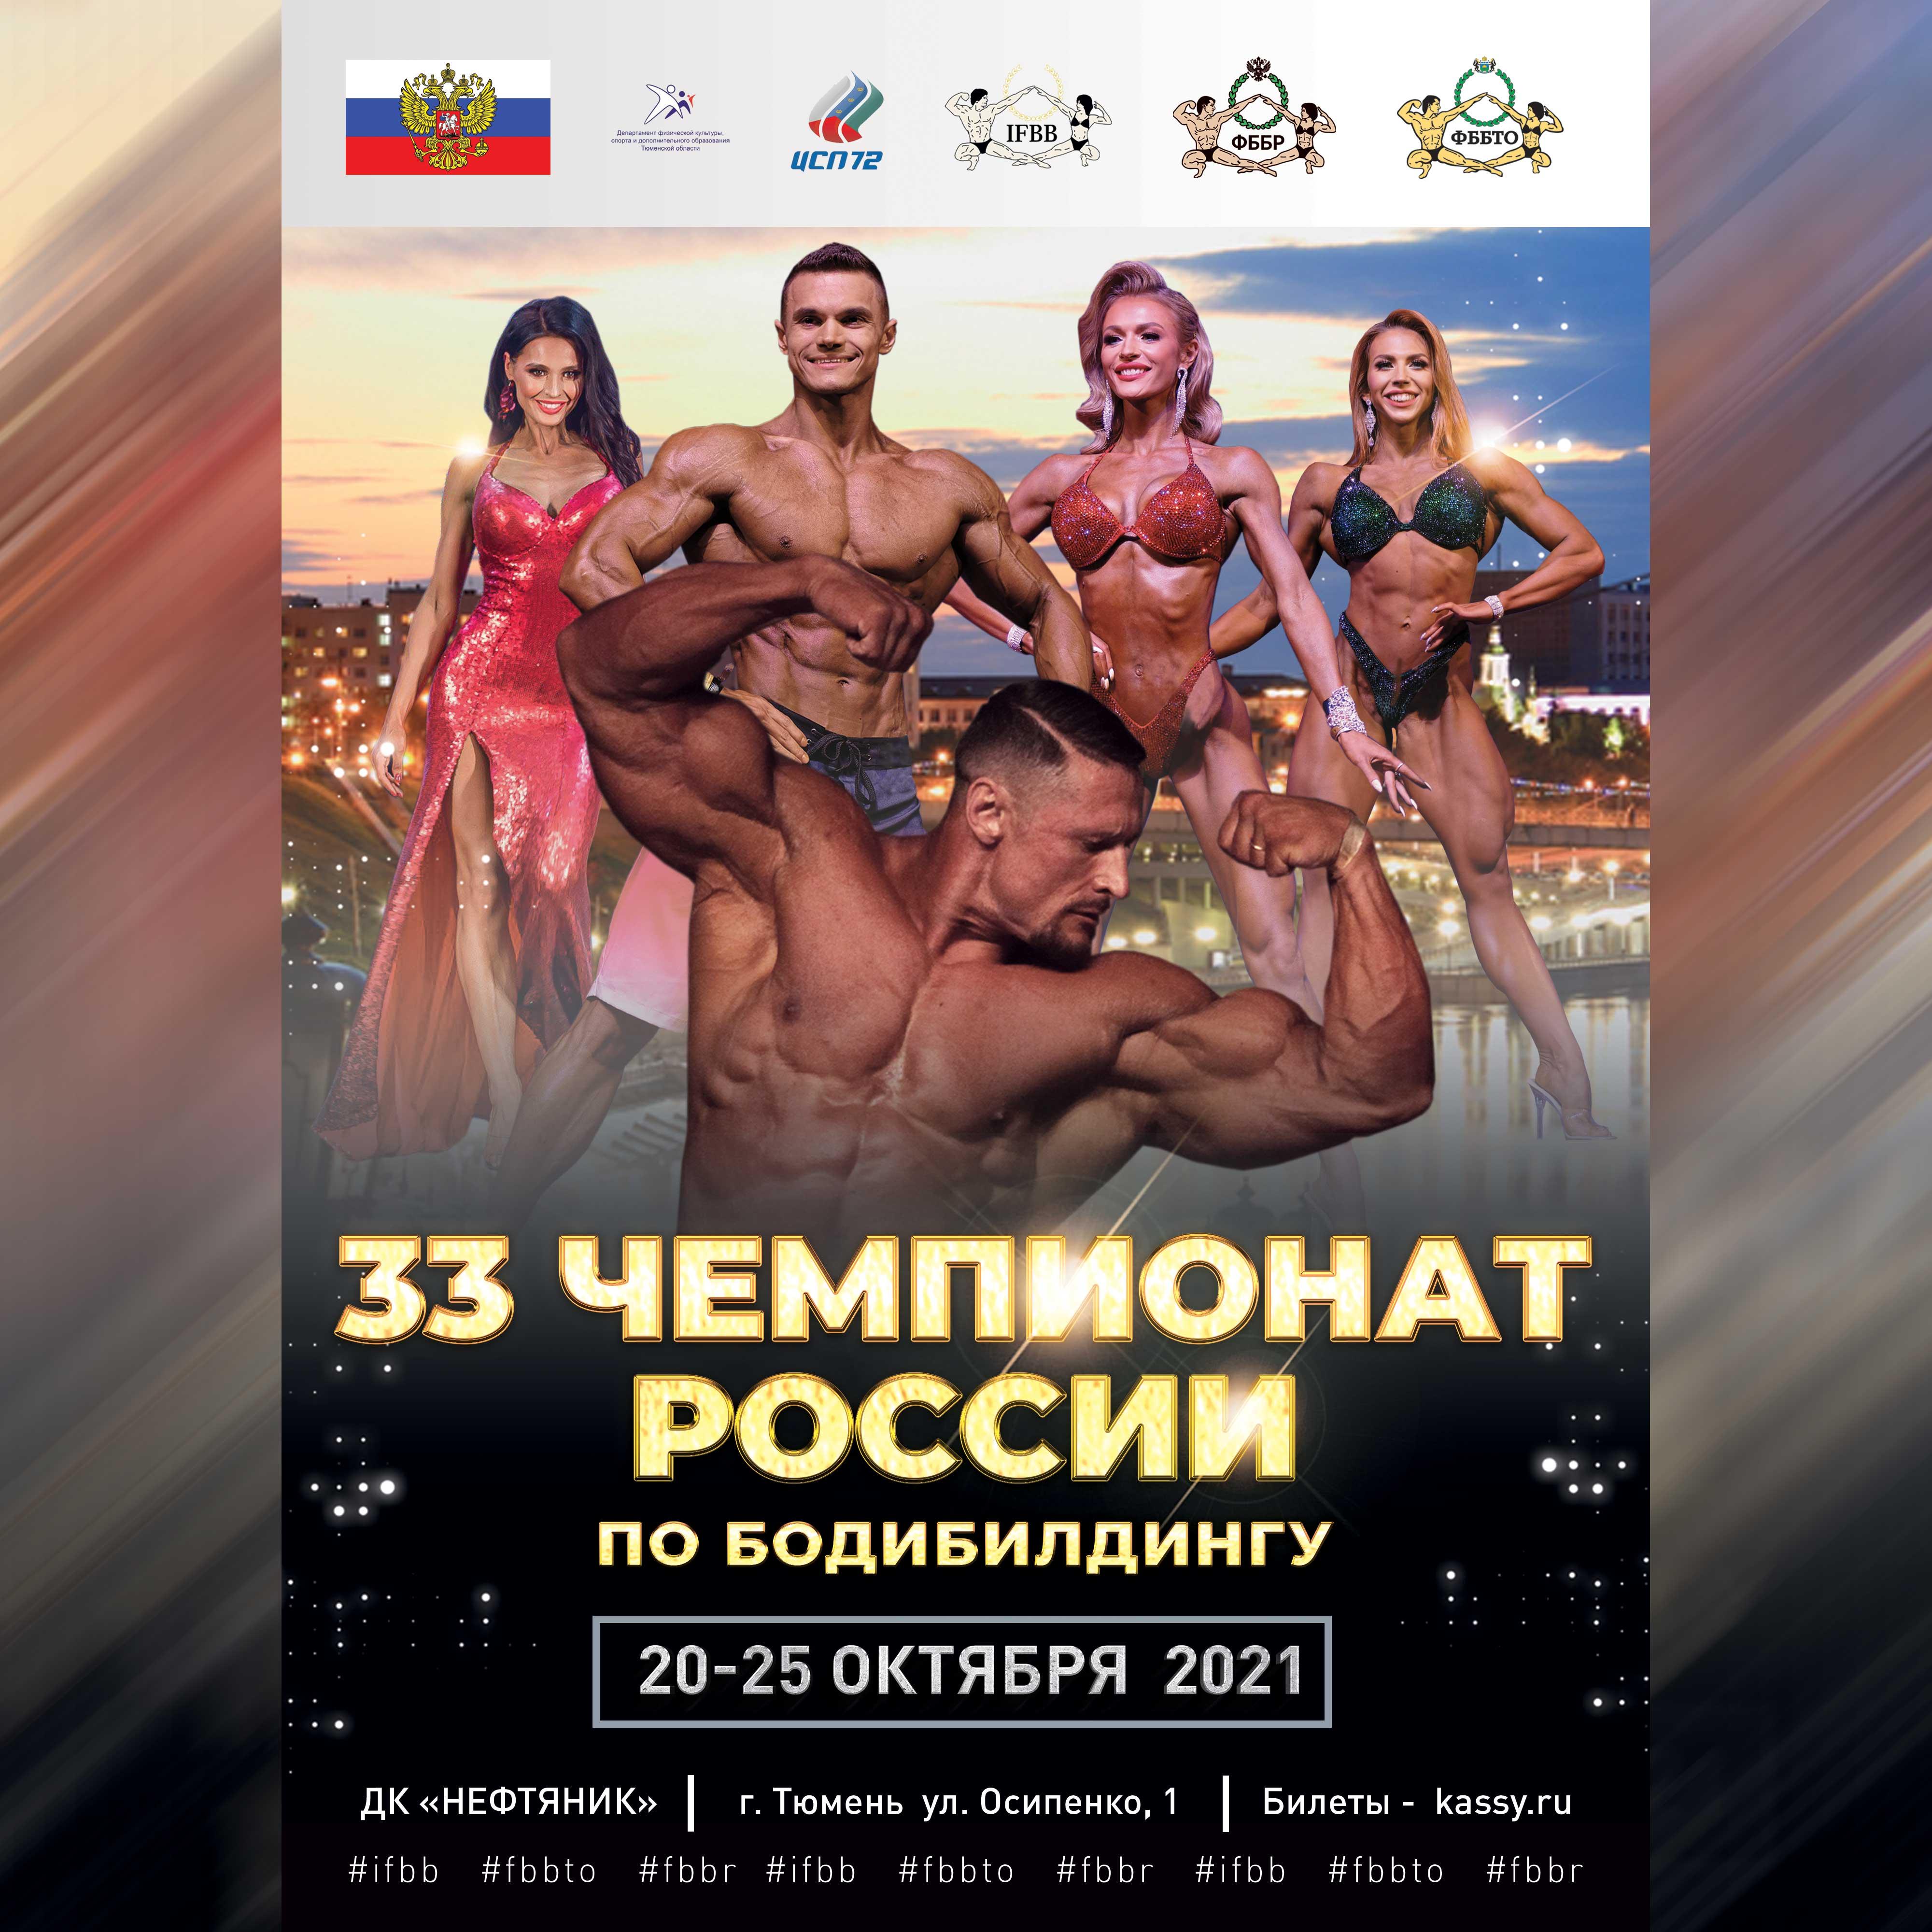 Прямая трансляция - Чемпионат России по бодибилдингу - 2021 (22 октября 2021)